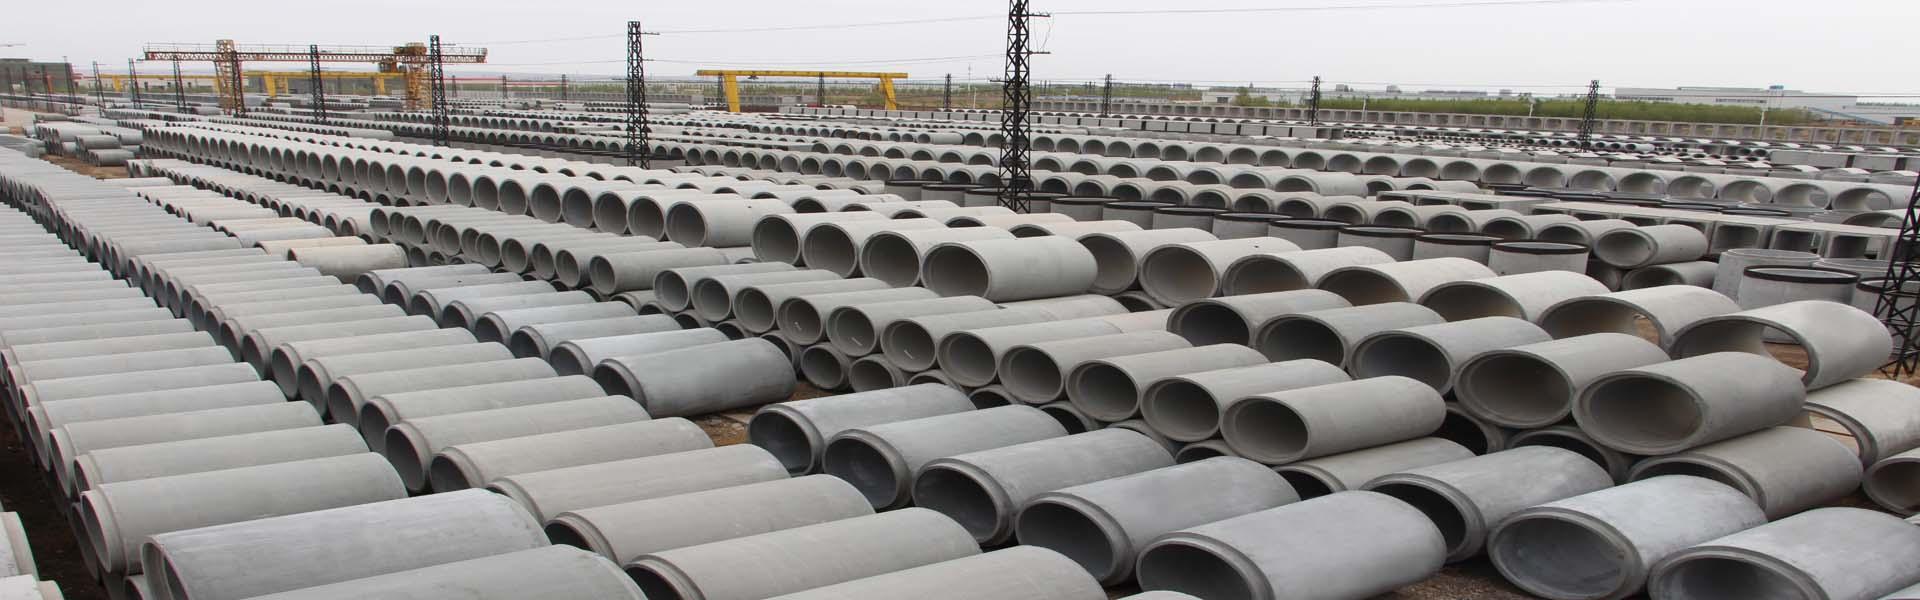 大量供应批发钢筋混凝土排水管-静宁钢筋混凝土排水管